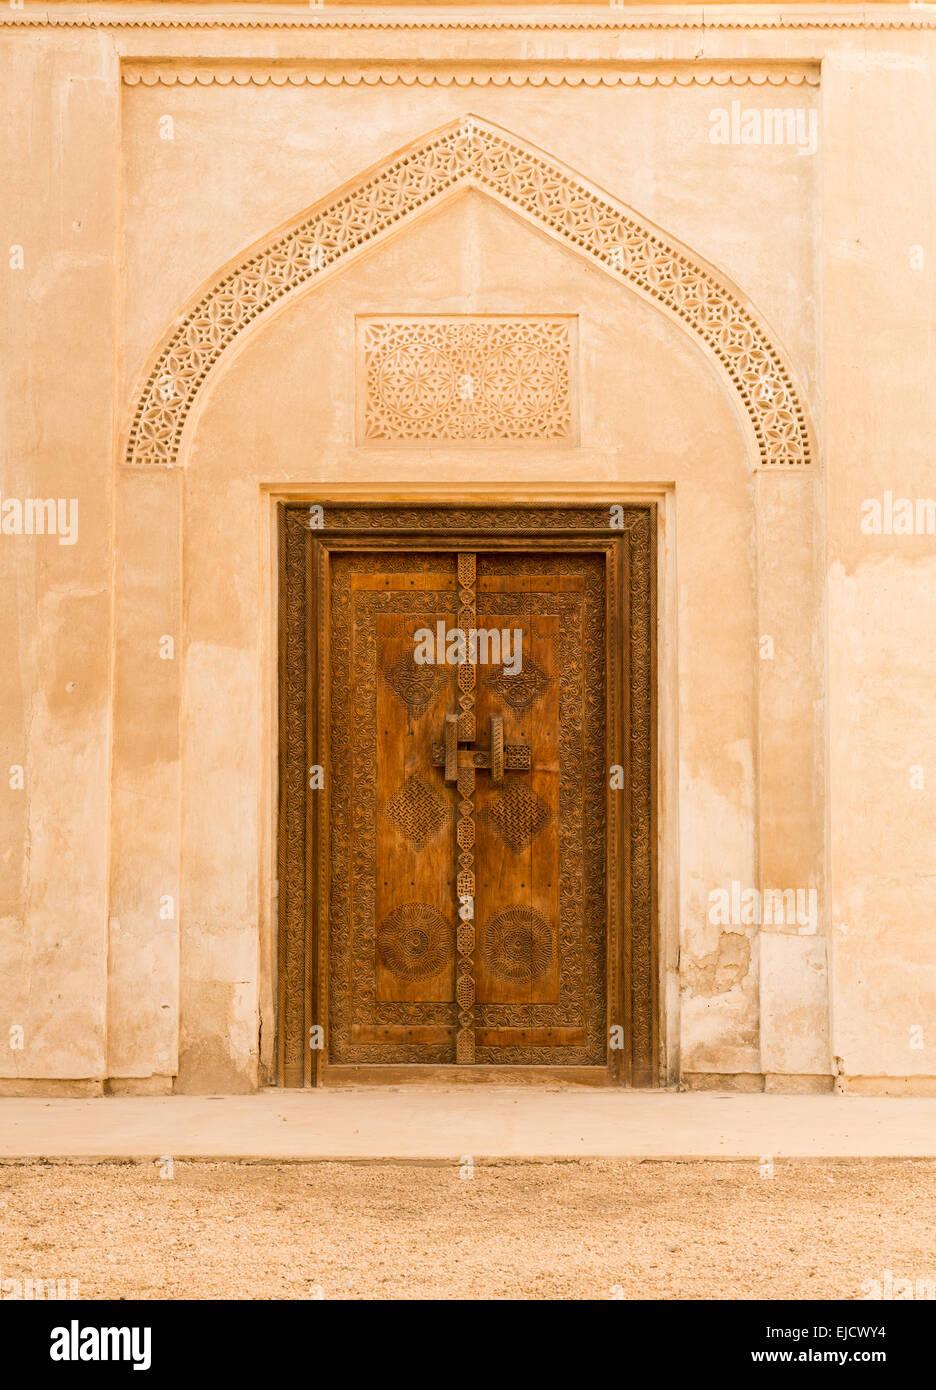 Shaikh Isa bin Ali House Bahrain - Stock Image